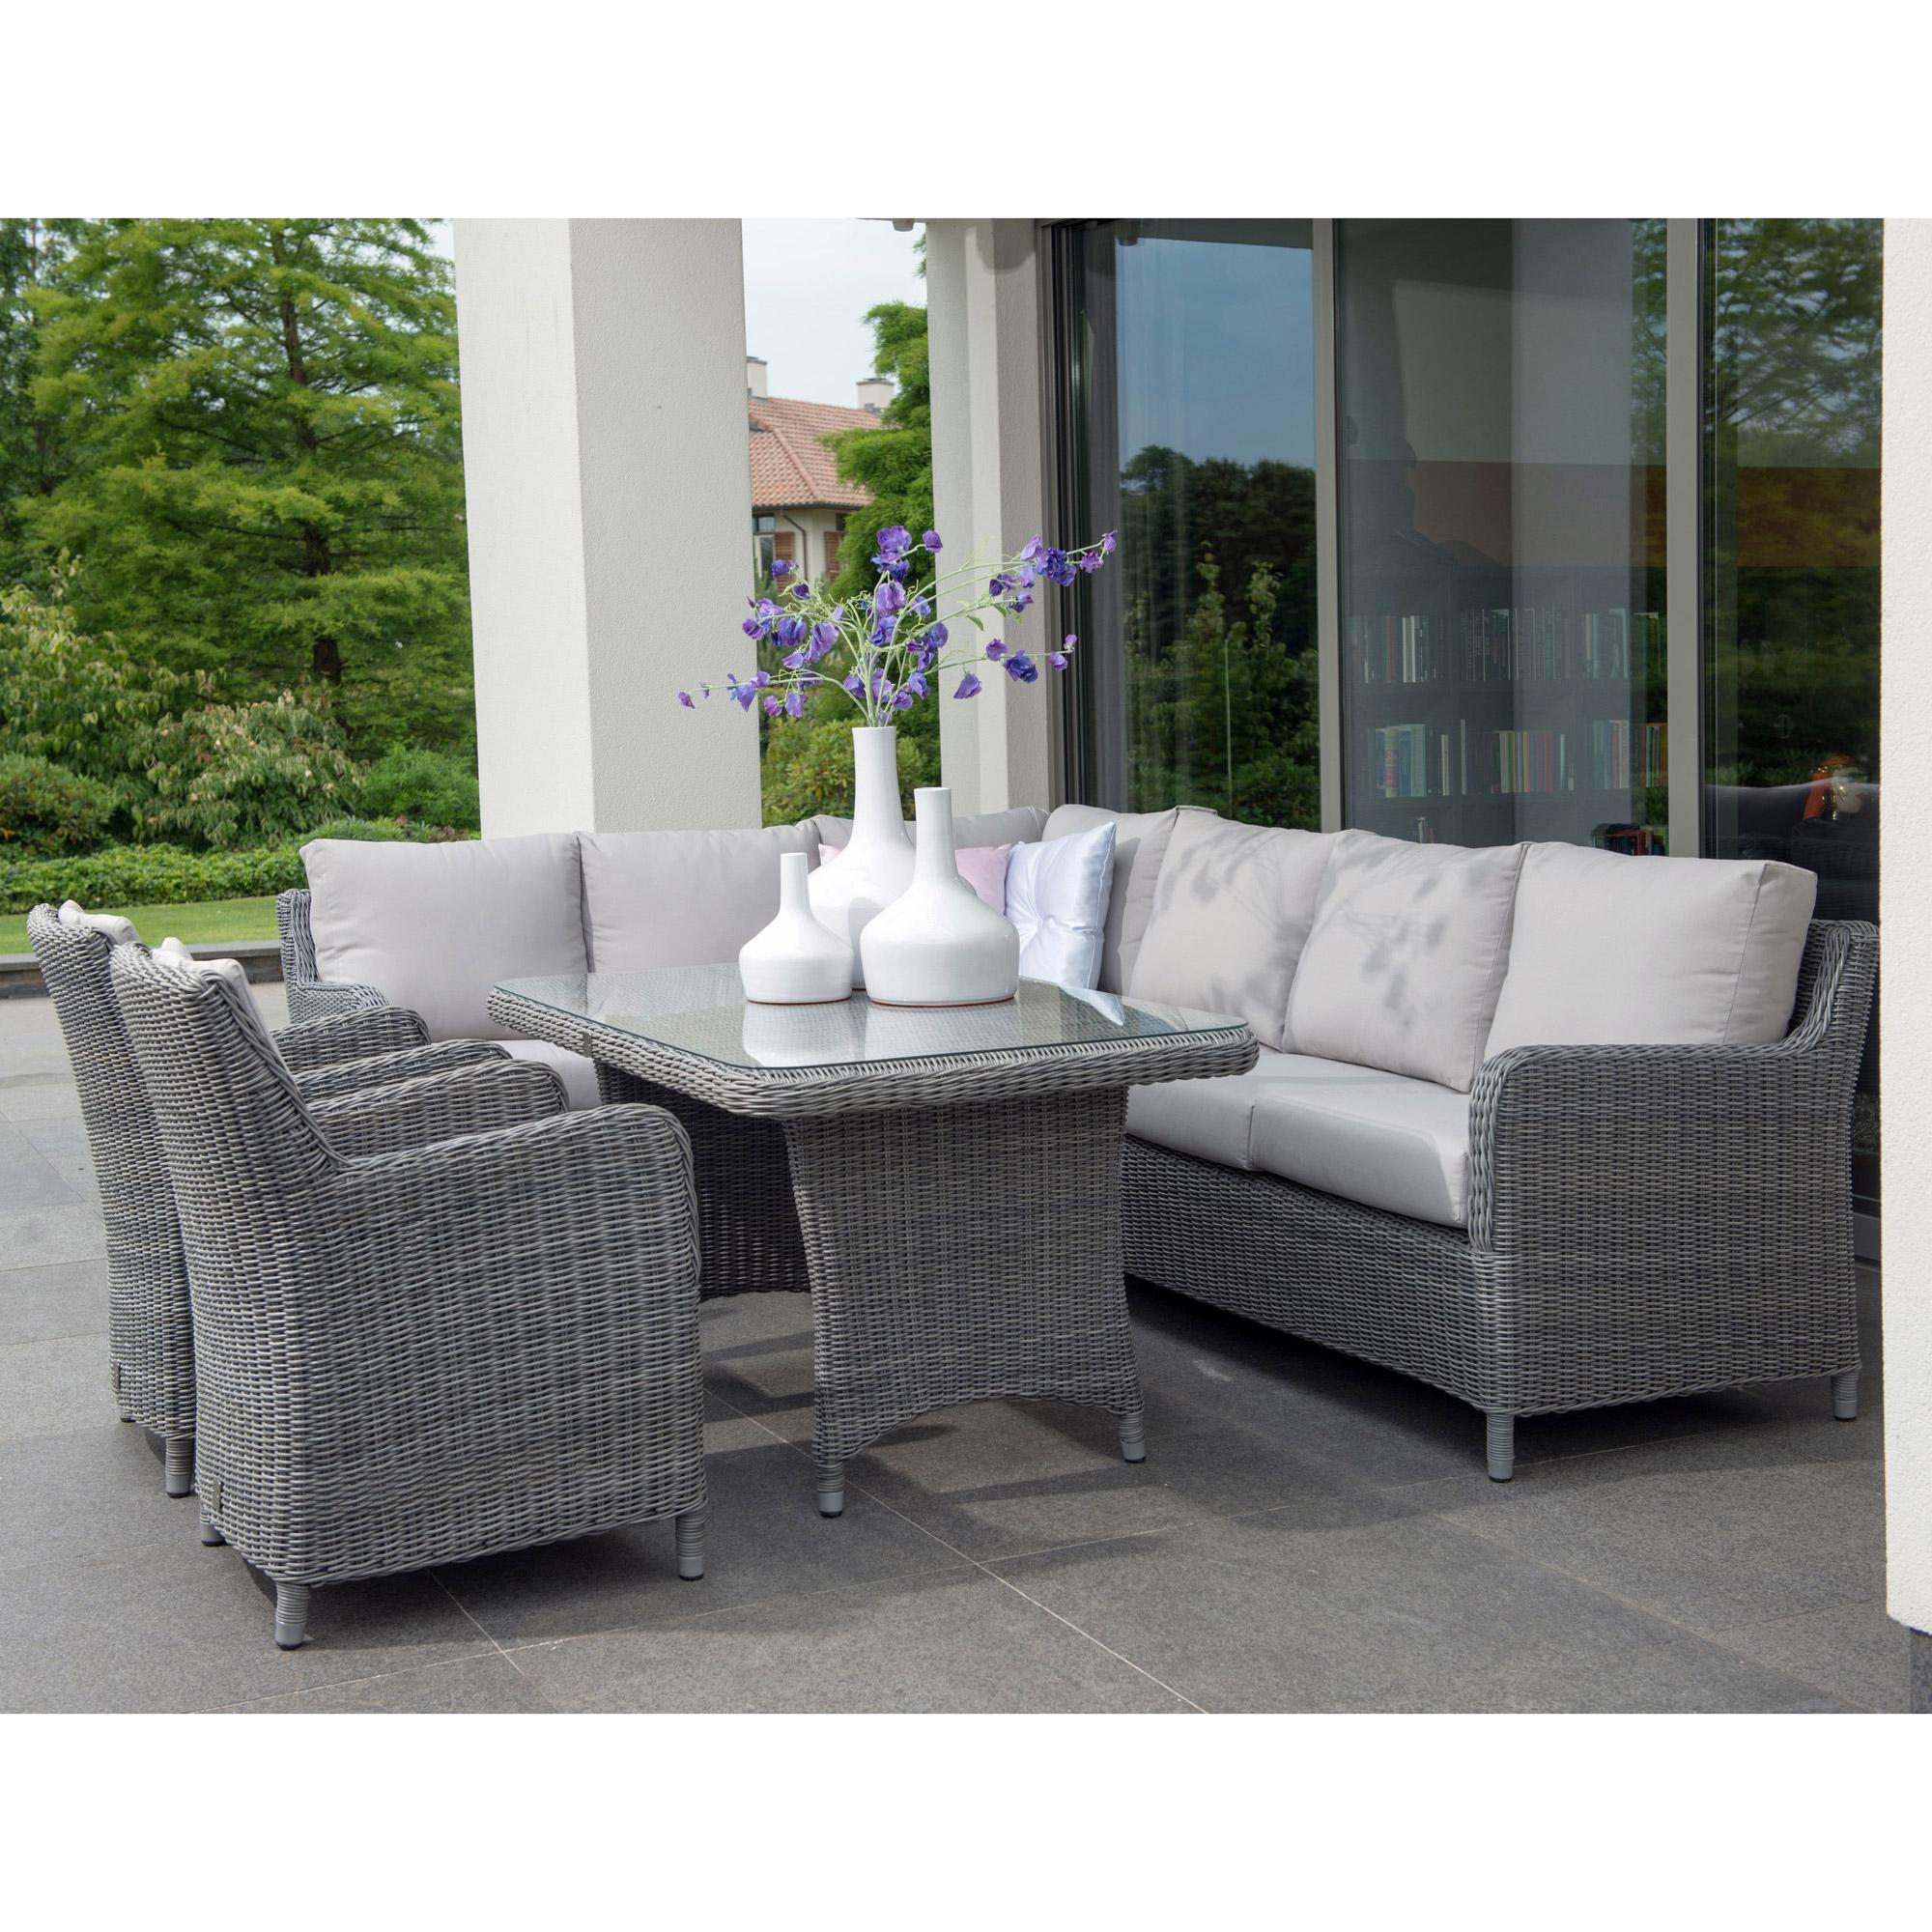 Salon de jardin avec fauteuils - Jardin piscine et Cabane